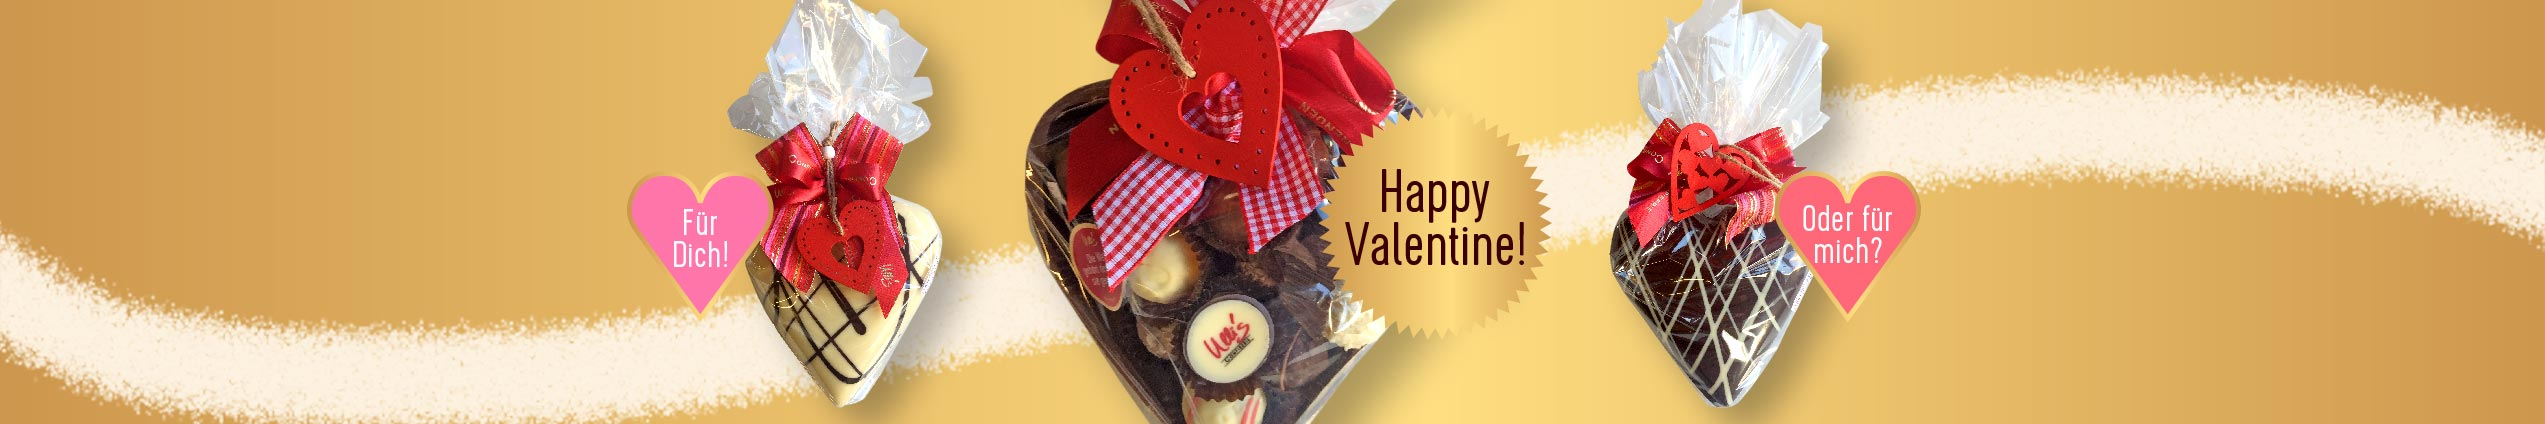 Schokoladenherzen zum Valentinstag, befüllt mit Pralinen